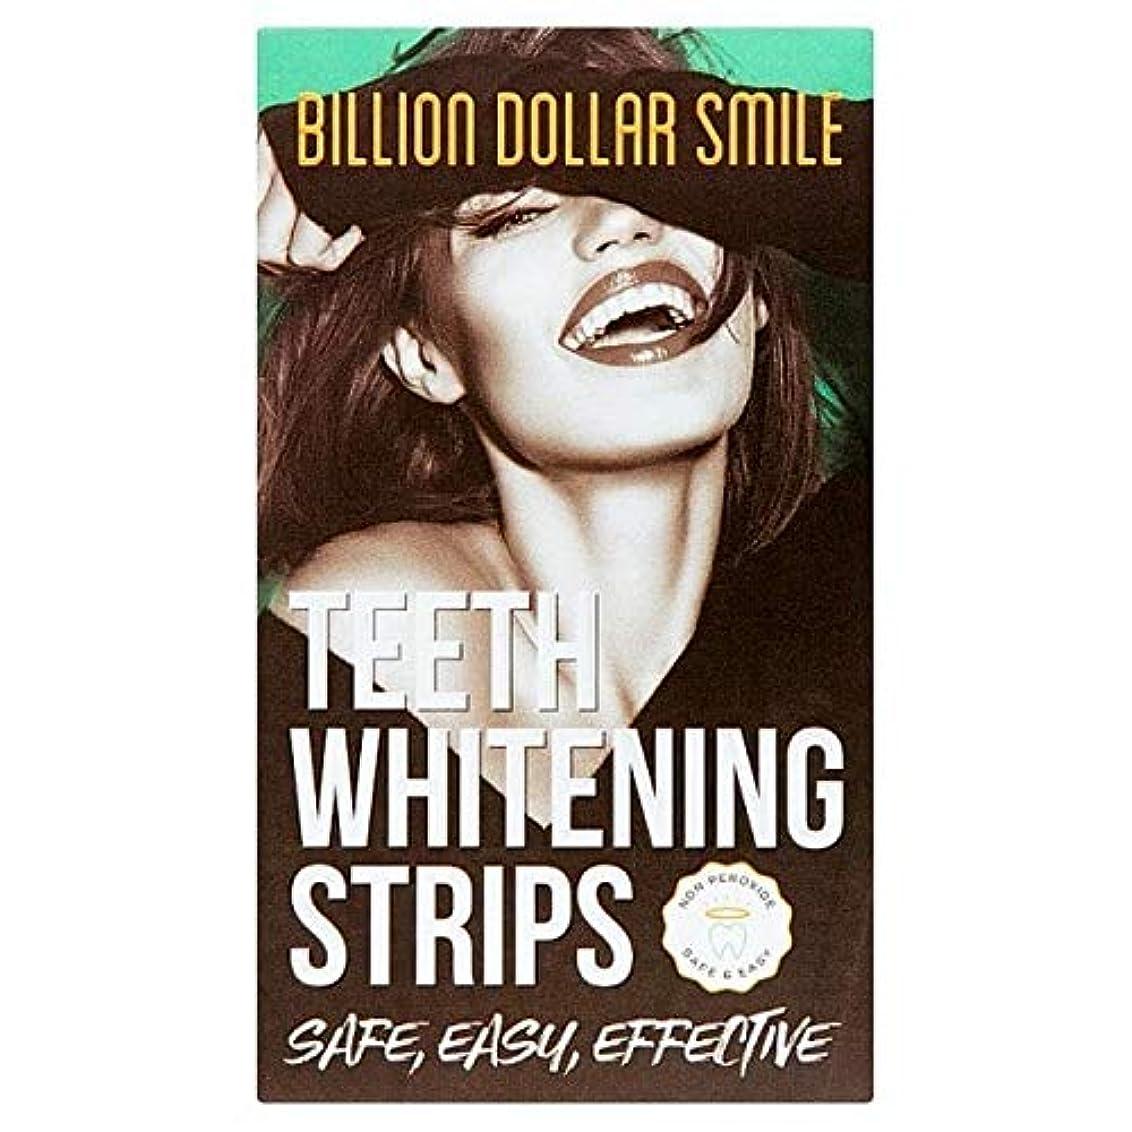 基本的な細分化するハンサム[Billion Dollar Smile] 数十億ドル規模の歯のホ??ワイトニングストリップ×28 - Billion Dollar Teeth Whitening Strips x 28 [並行輸入品]